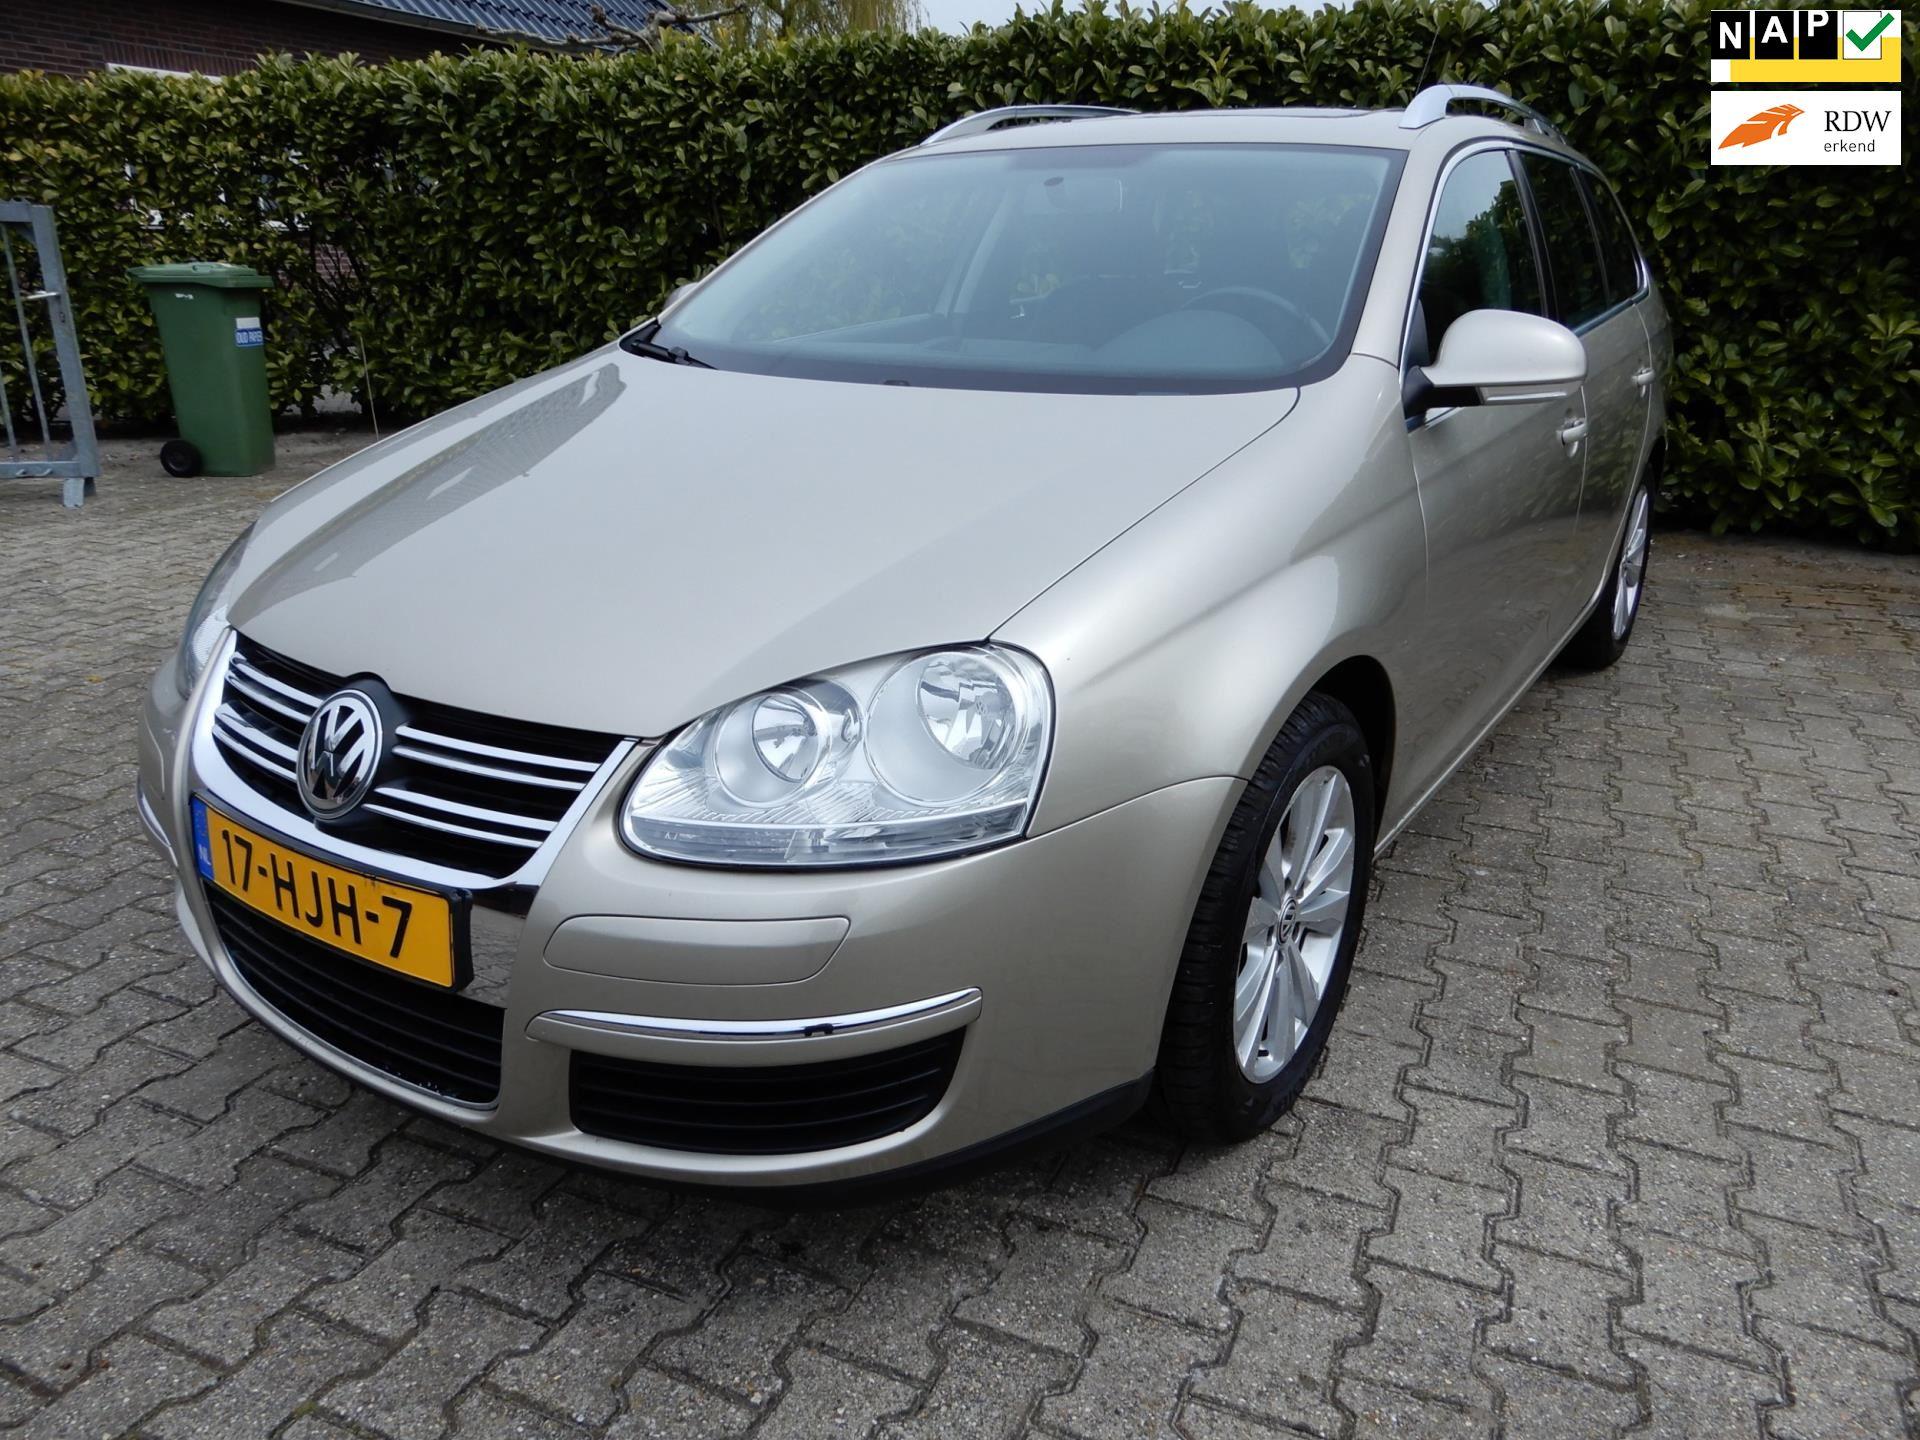 Volkswagen Golf Variant occasion - Autobedrijf Nieuwbroek